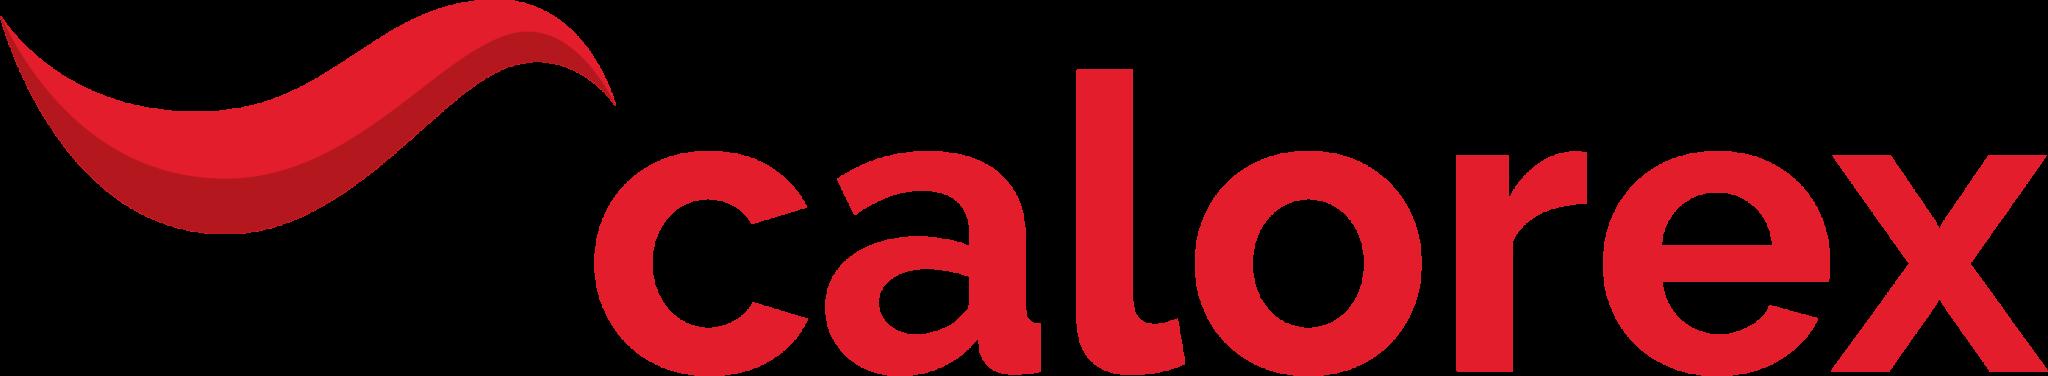 Calorex